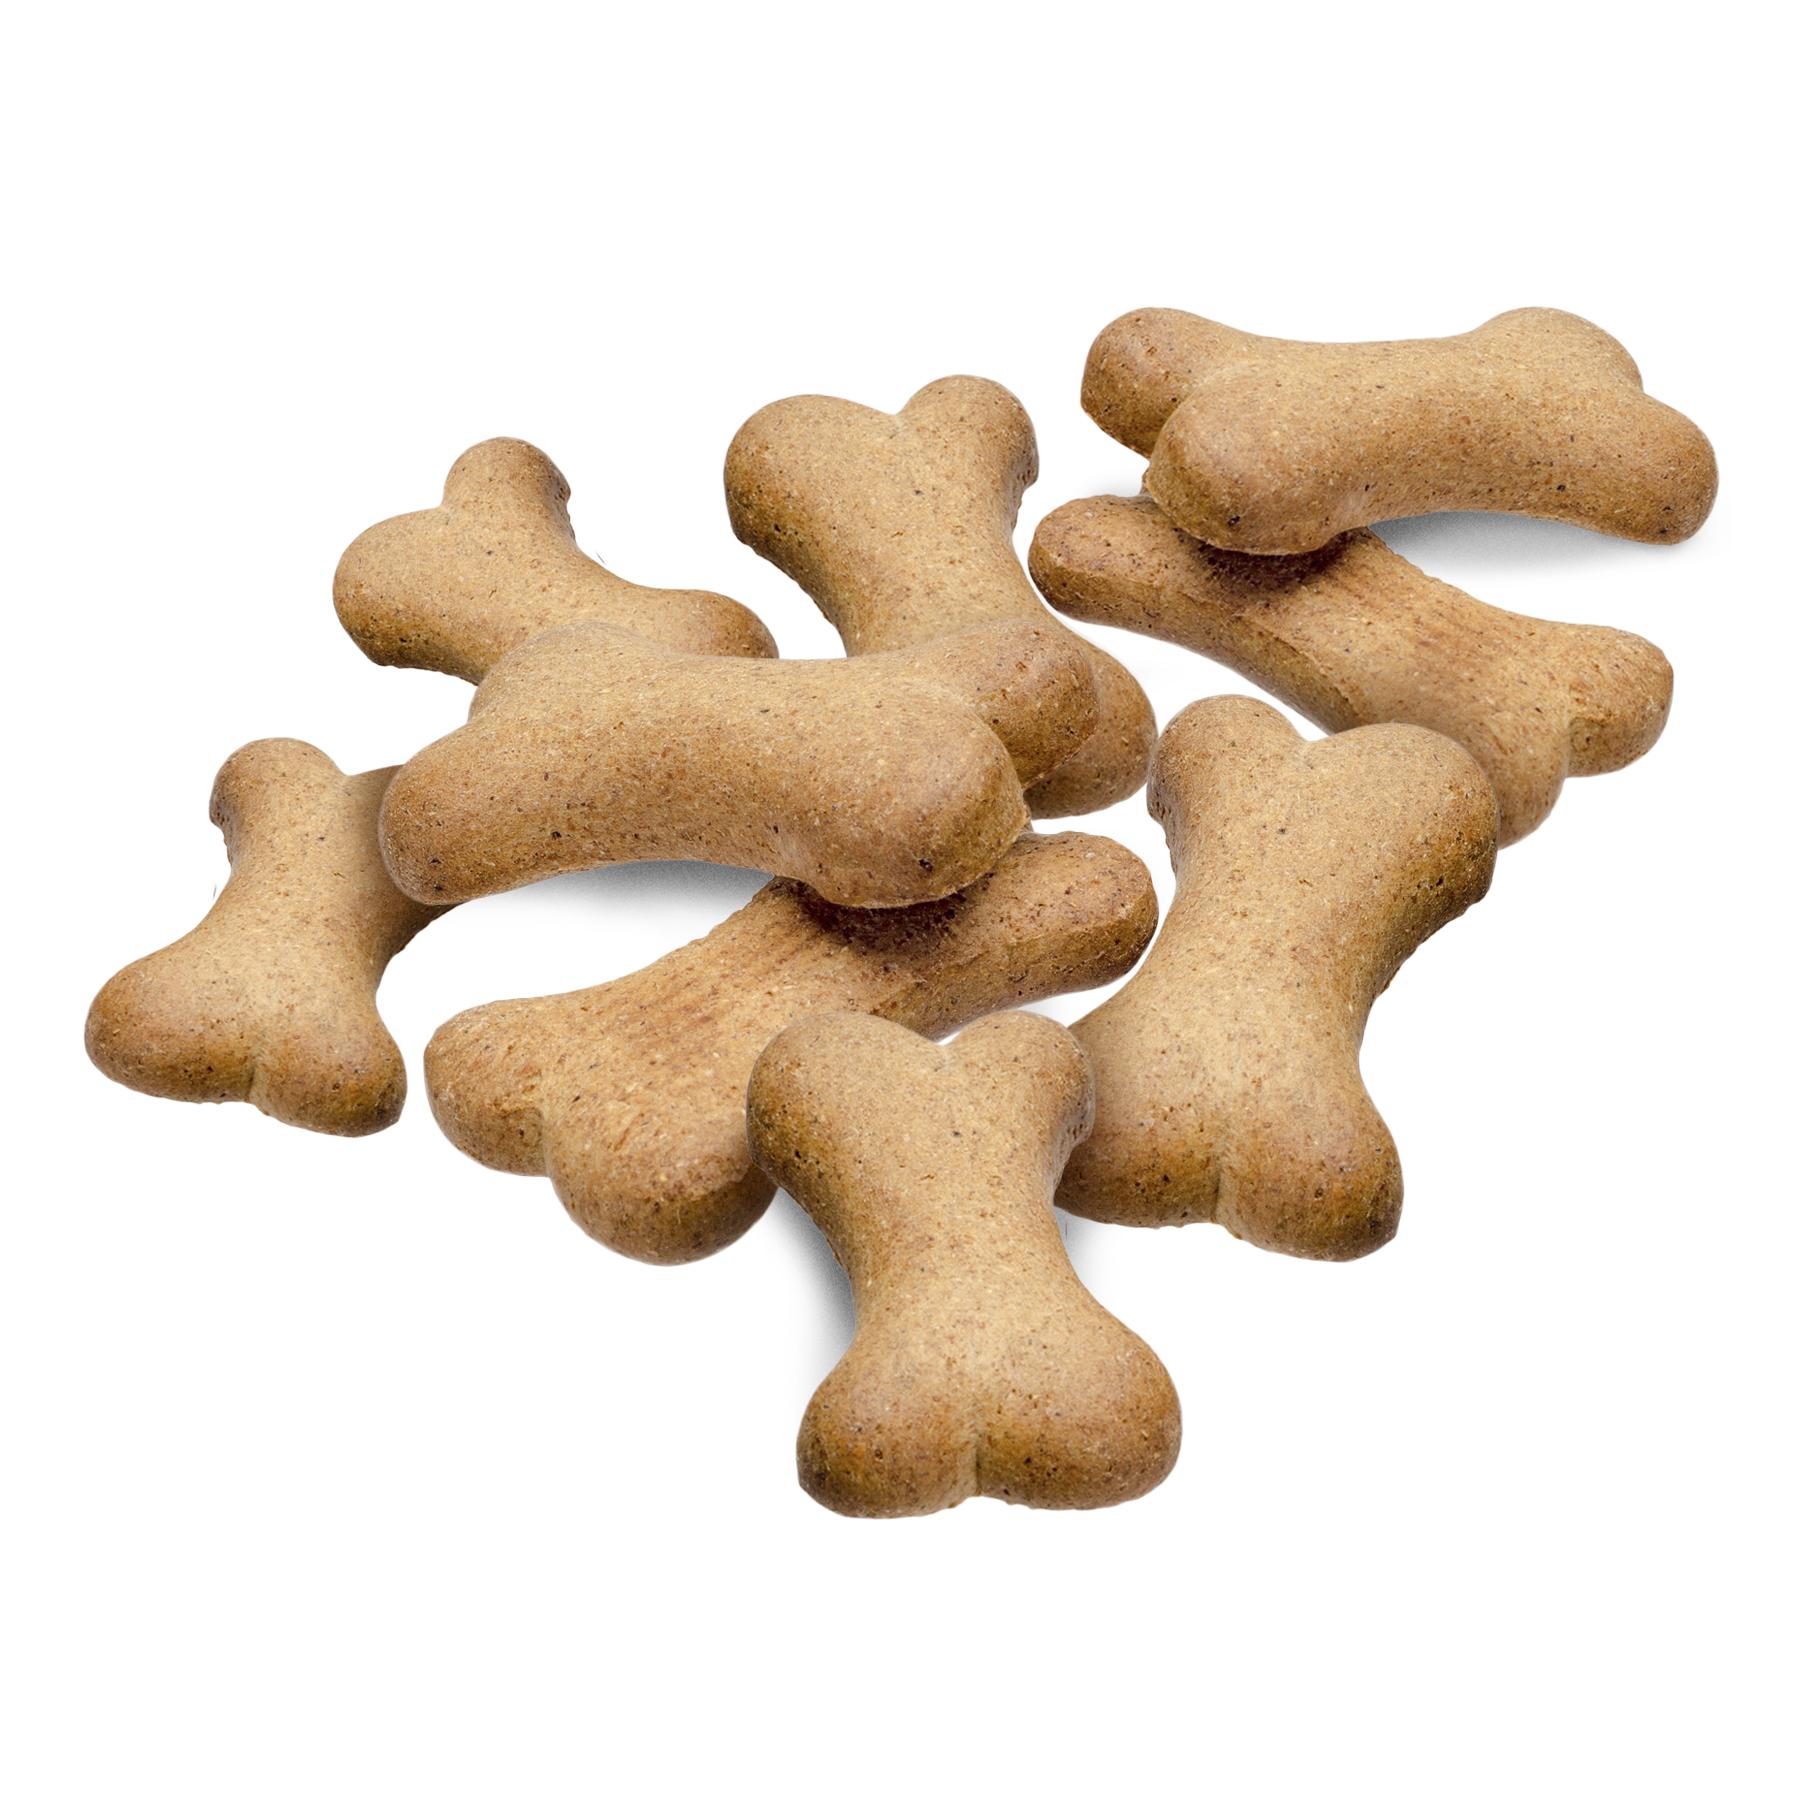 Dogman Frasiga Benkex lamm o ris L 10kg